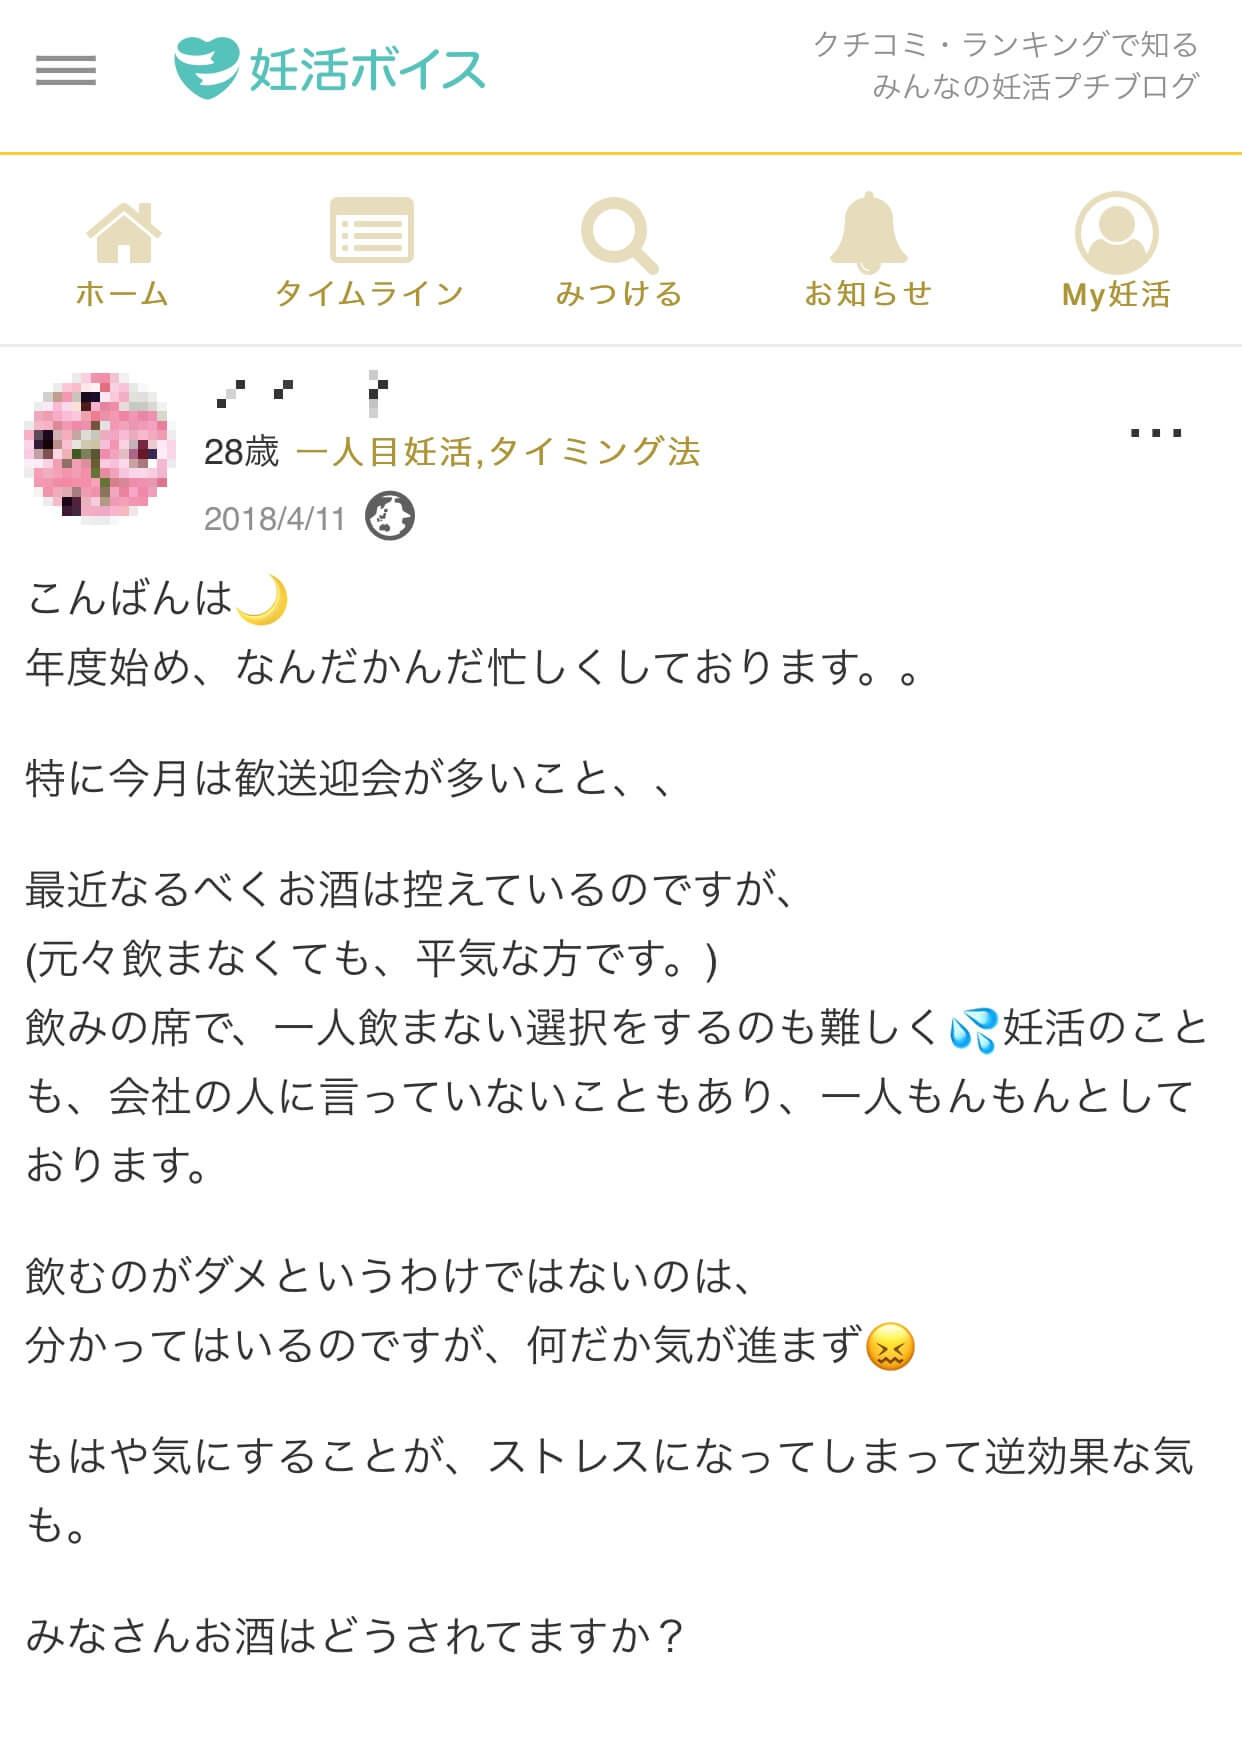 Aさん(28歳・1人目妊活・タイミング法)